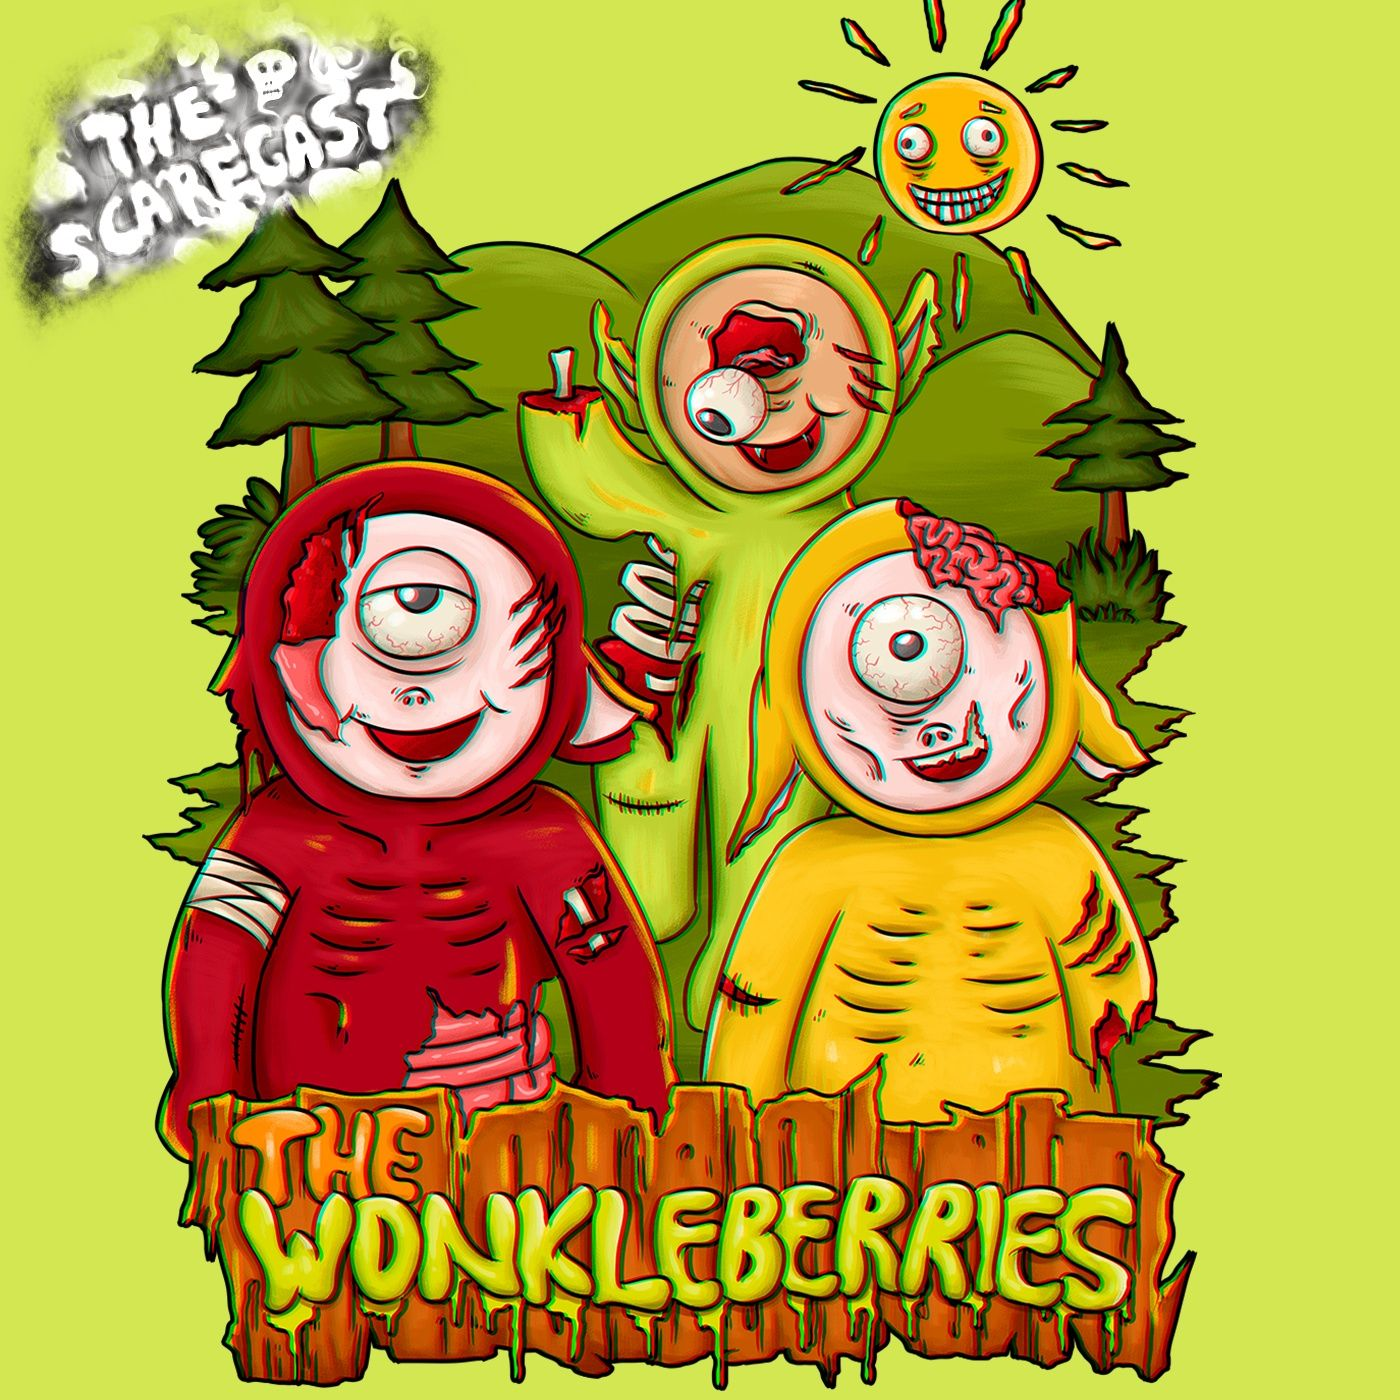 S5E1: The Wonkleberries (Scarecast Originals)